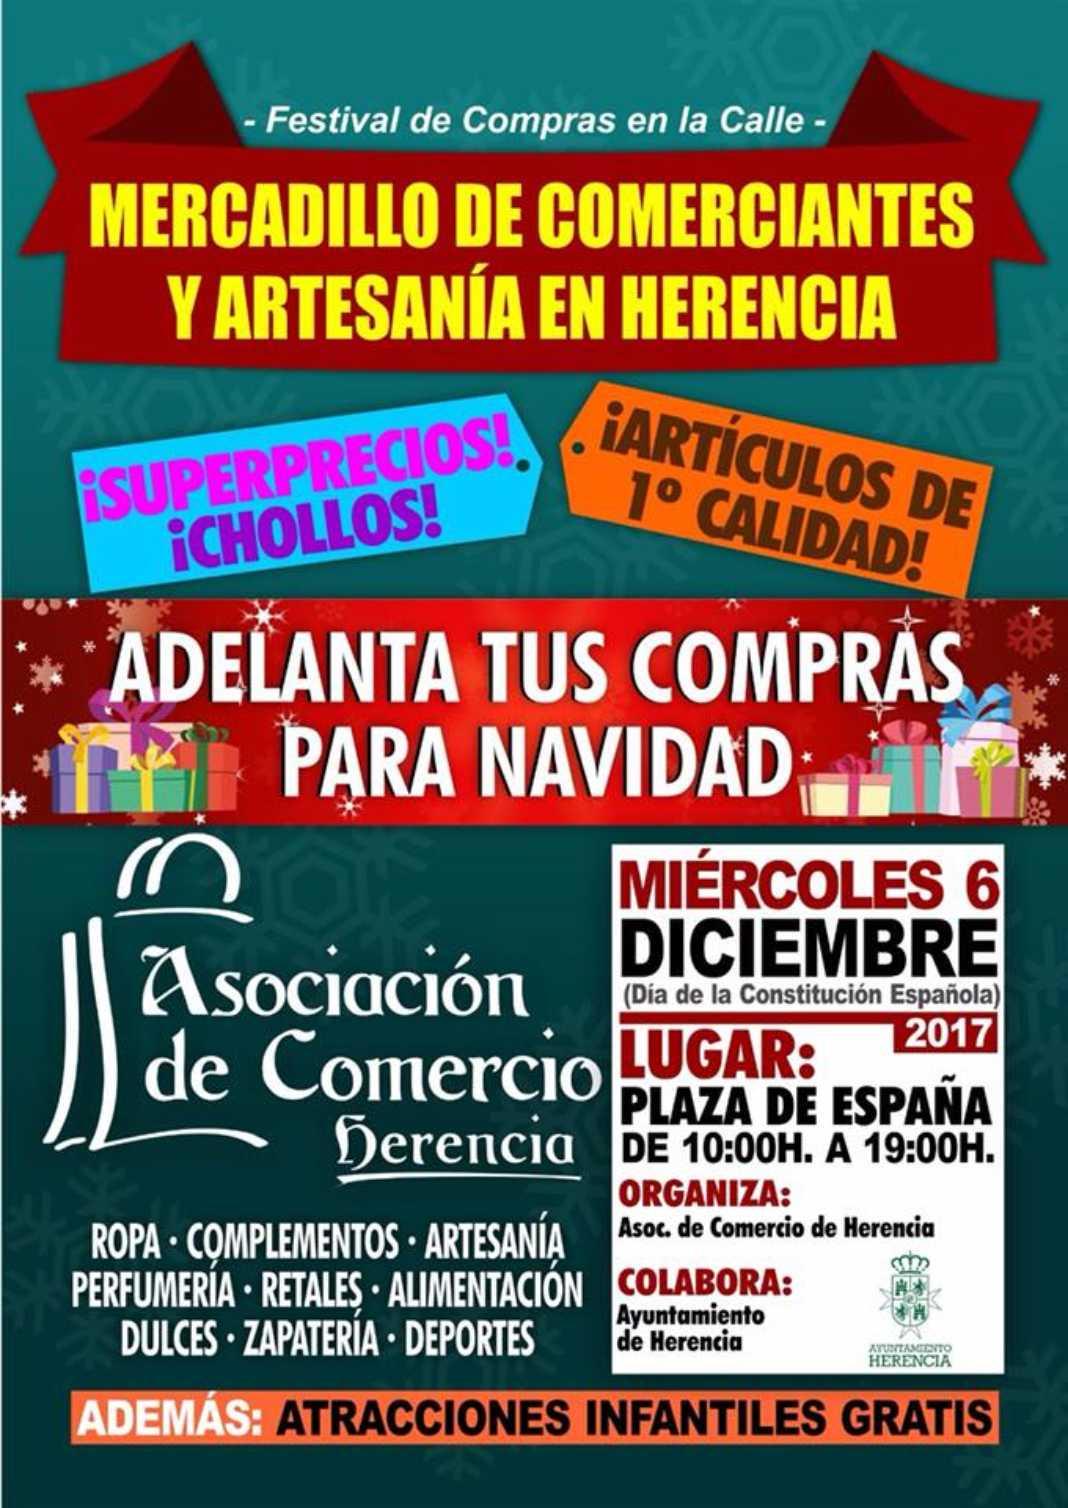 Mercadillo de comerciantes y artesania en Herencia 1068x1508 - Mercadillo de comerciantes y artesanía en Herencia